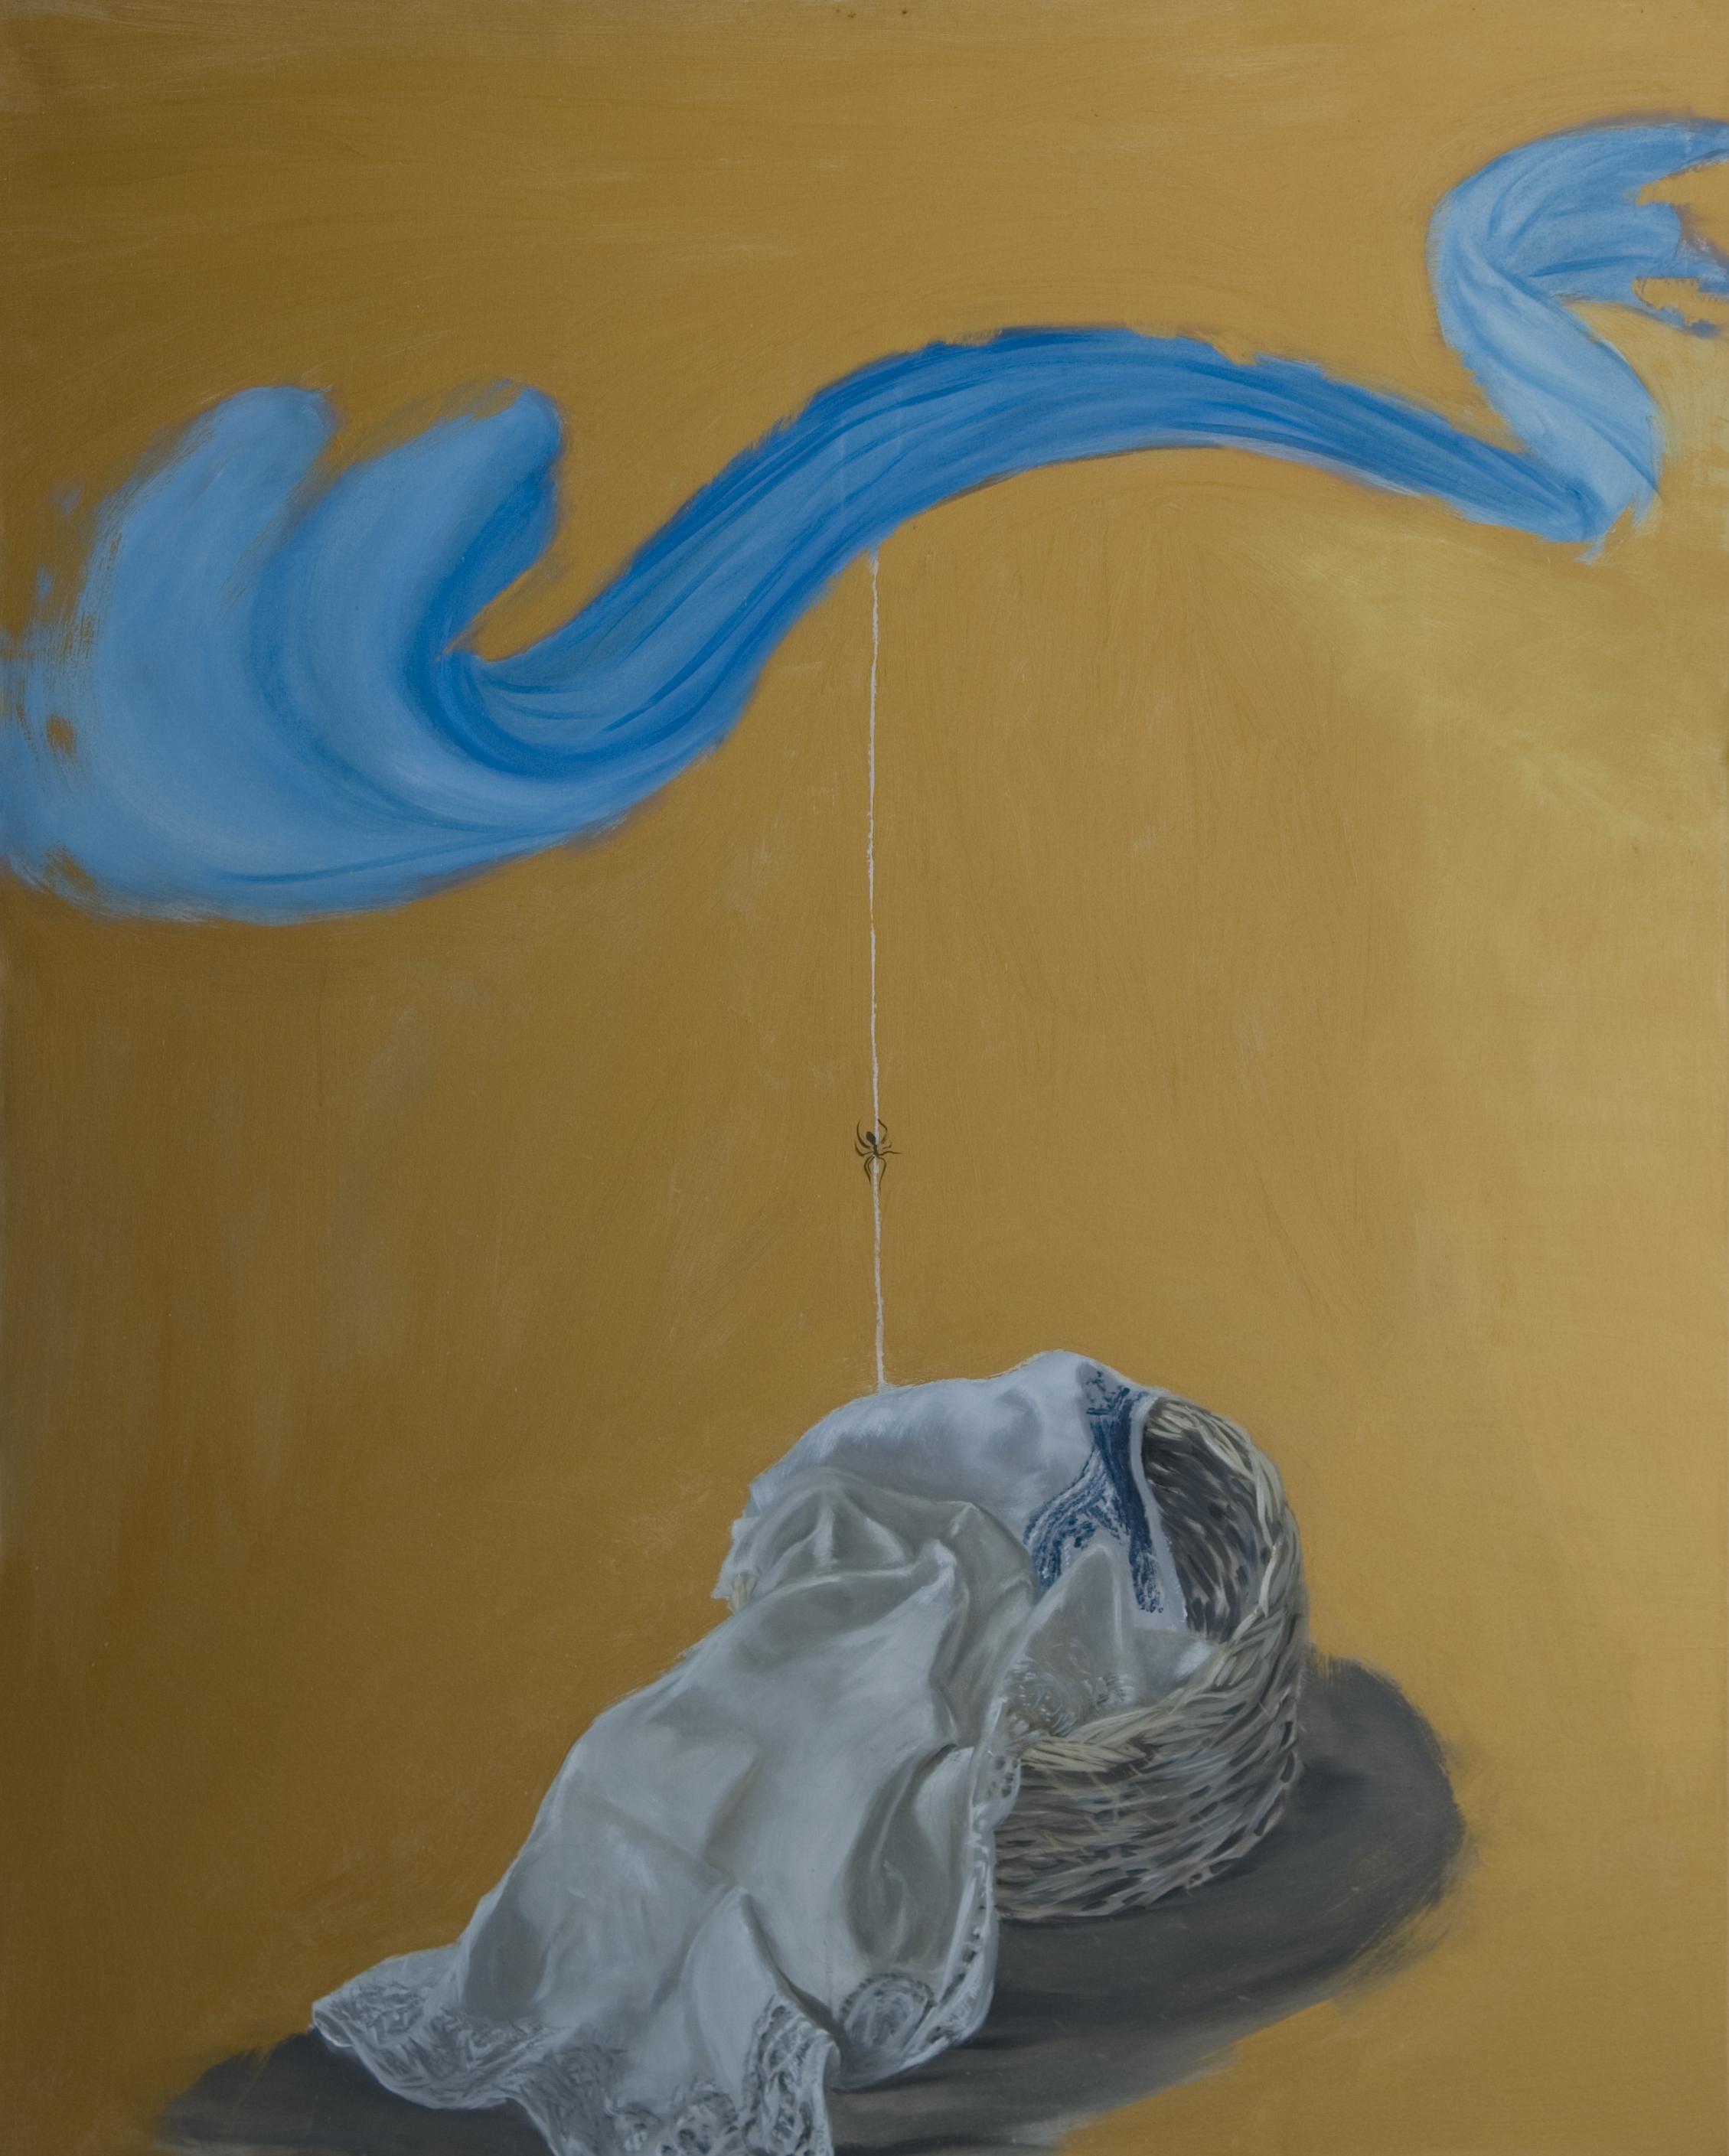 B 4) Aracne, olio su tela, 2015, cm. 150x120 jpg